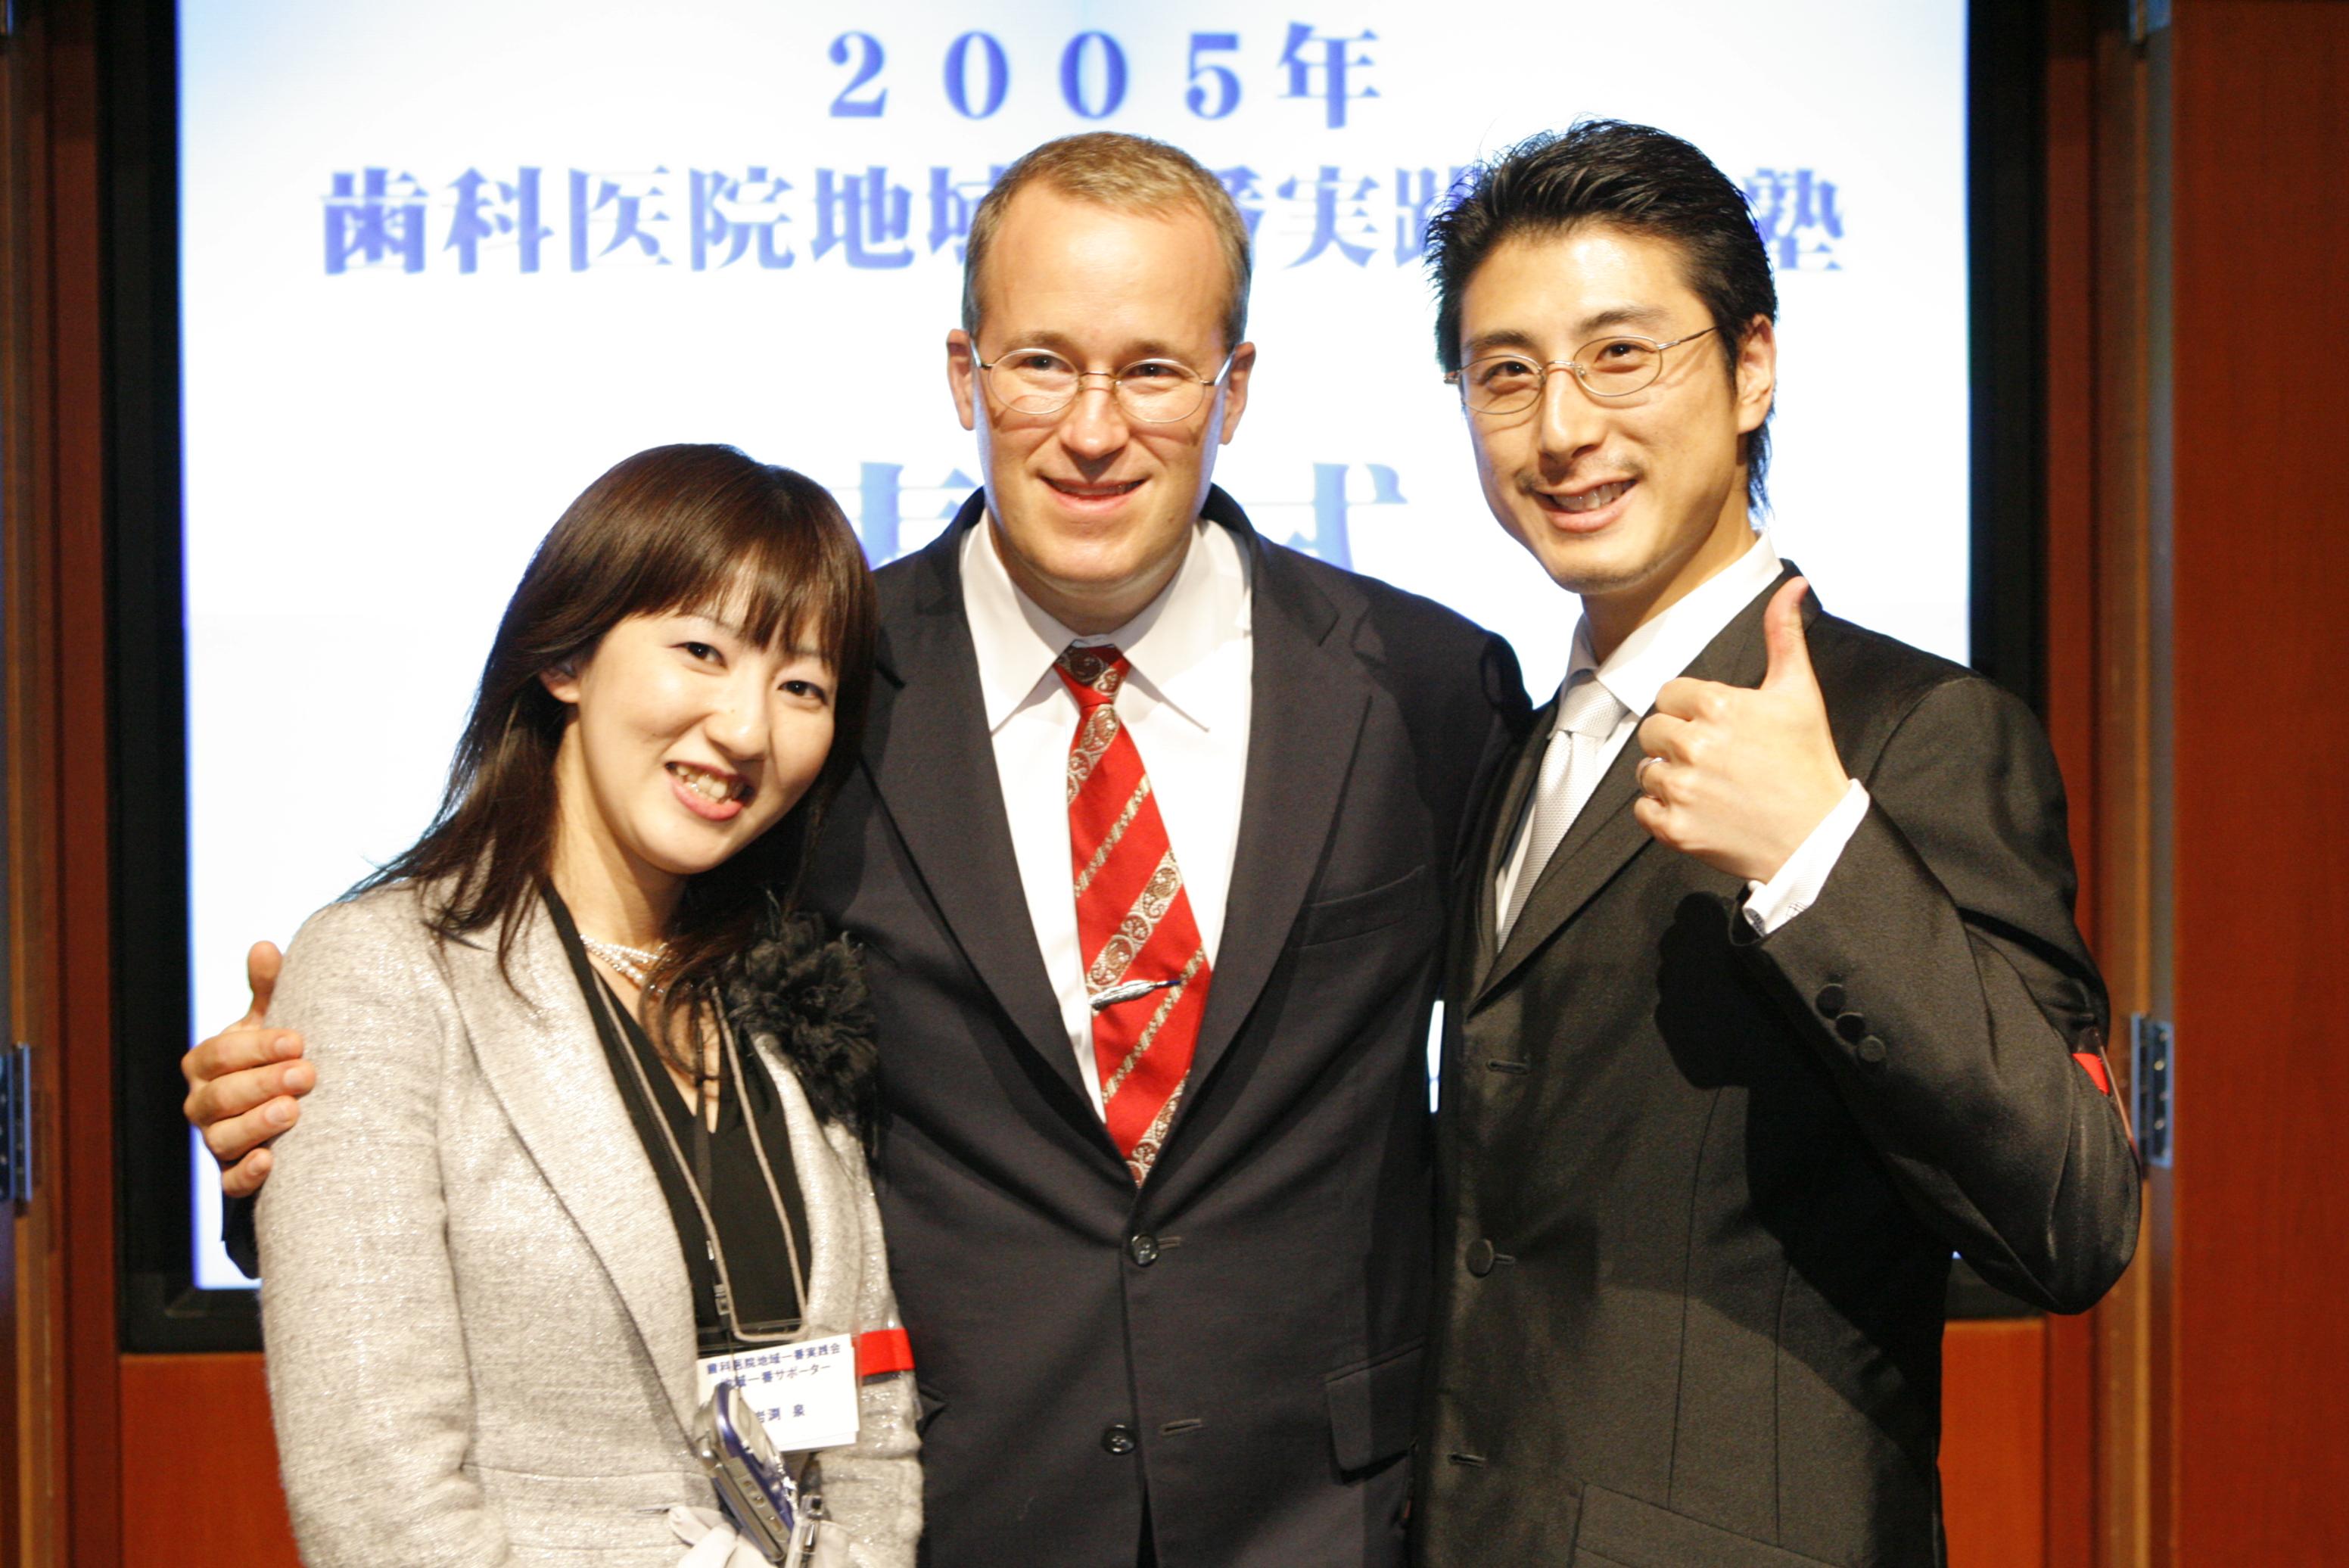 2005年のスペシャルセミナーが大きな転機になりました。